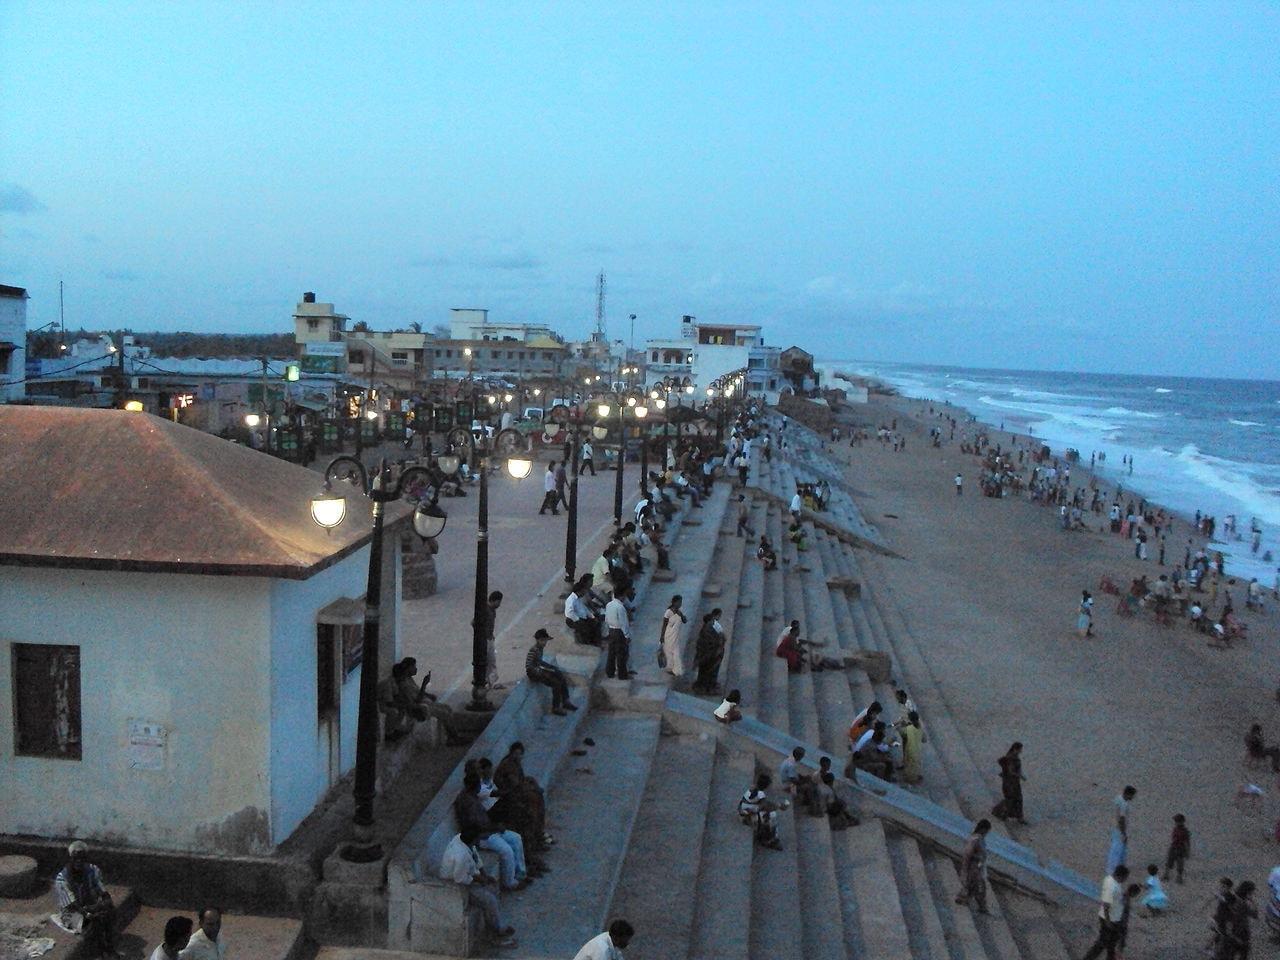 1280px-Gopalpur_'s_busy_beach